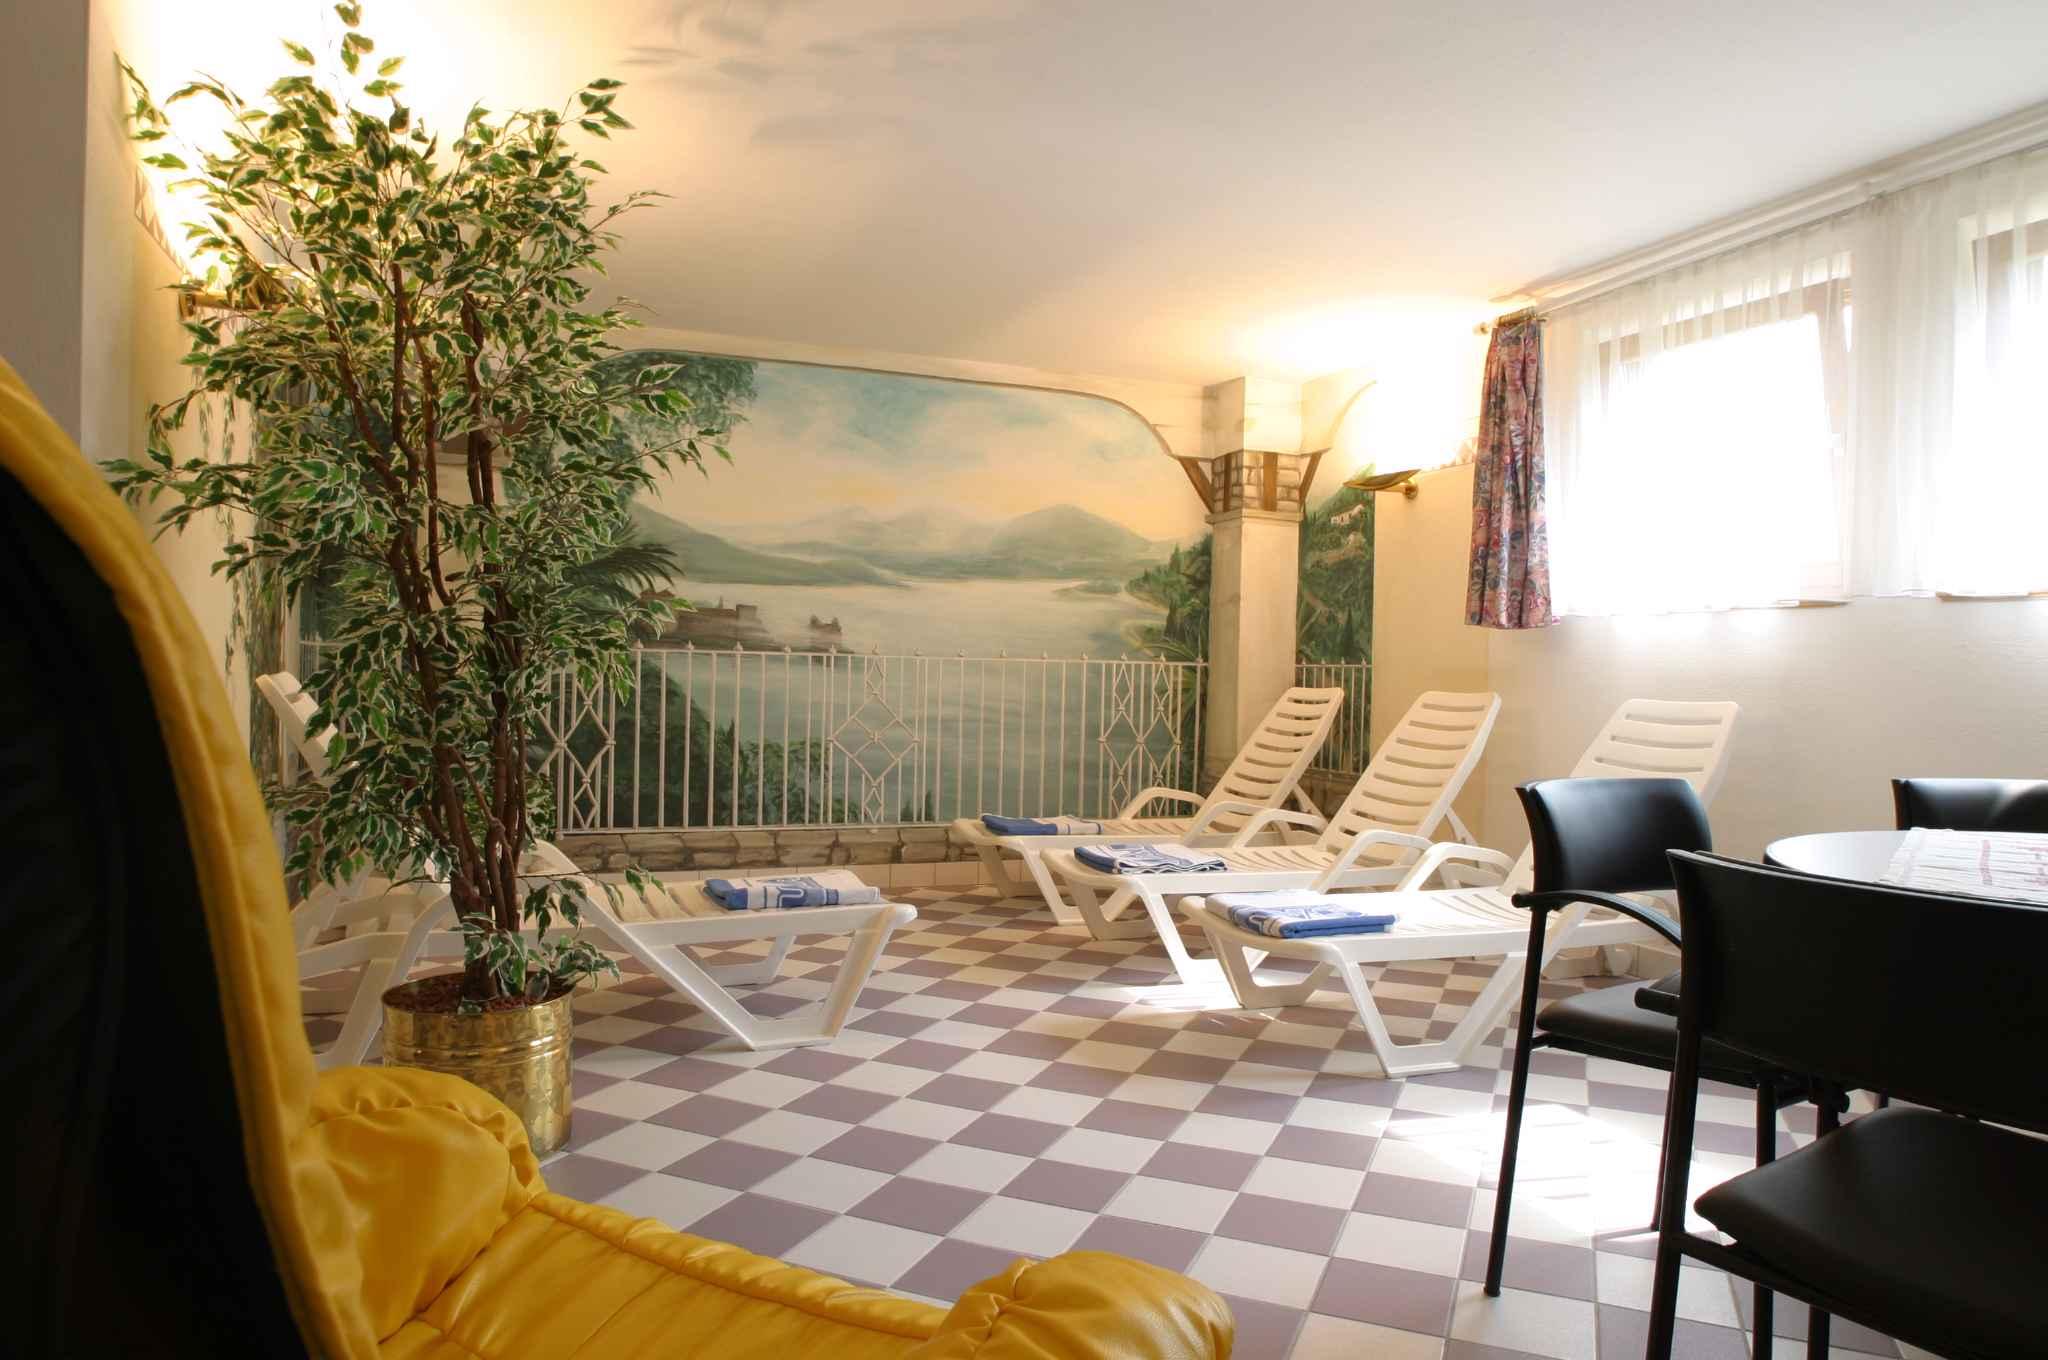 Ferienwohnung mit Wellness in ruhiger Lage (310162), Krimml, Pinzgau, Salzburg, Österreich, Bild 8